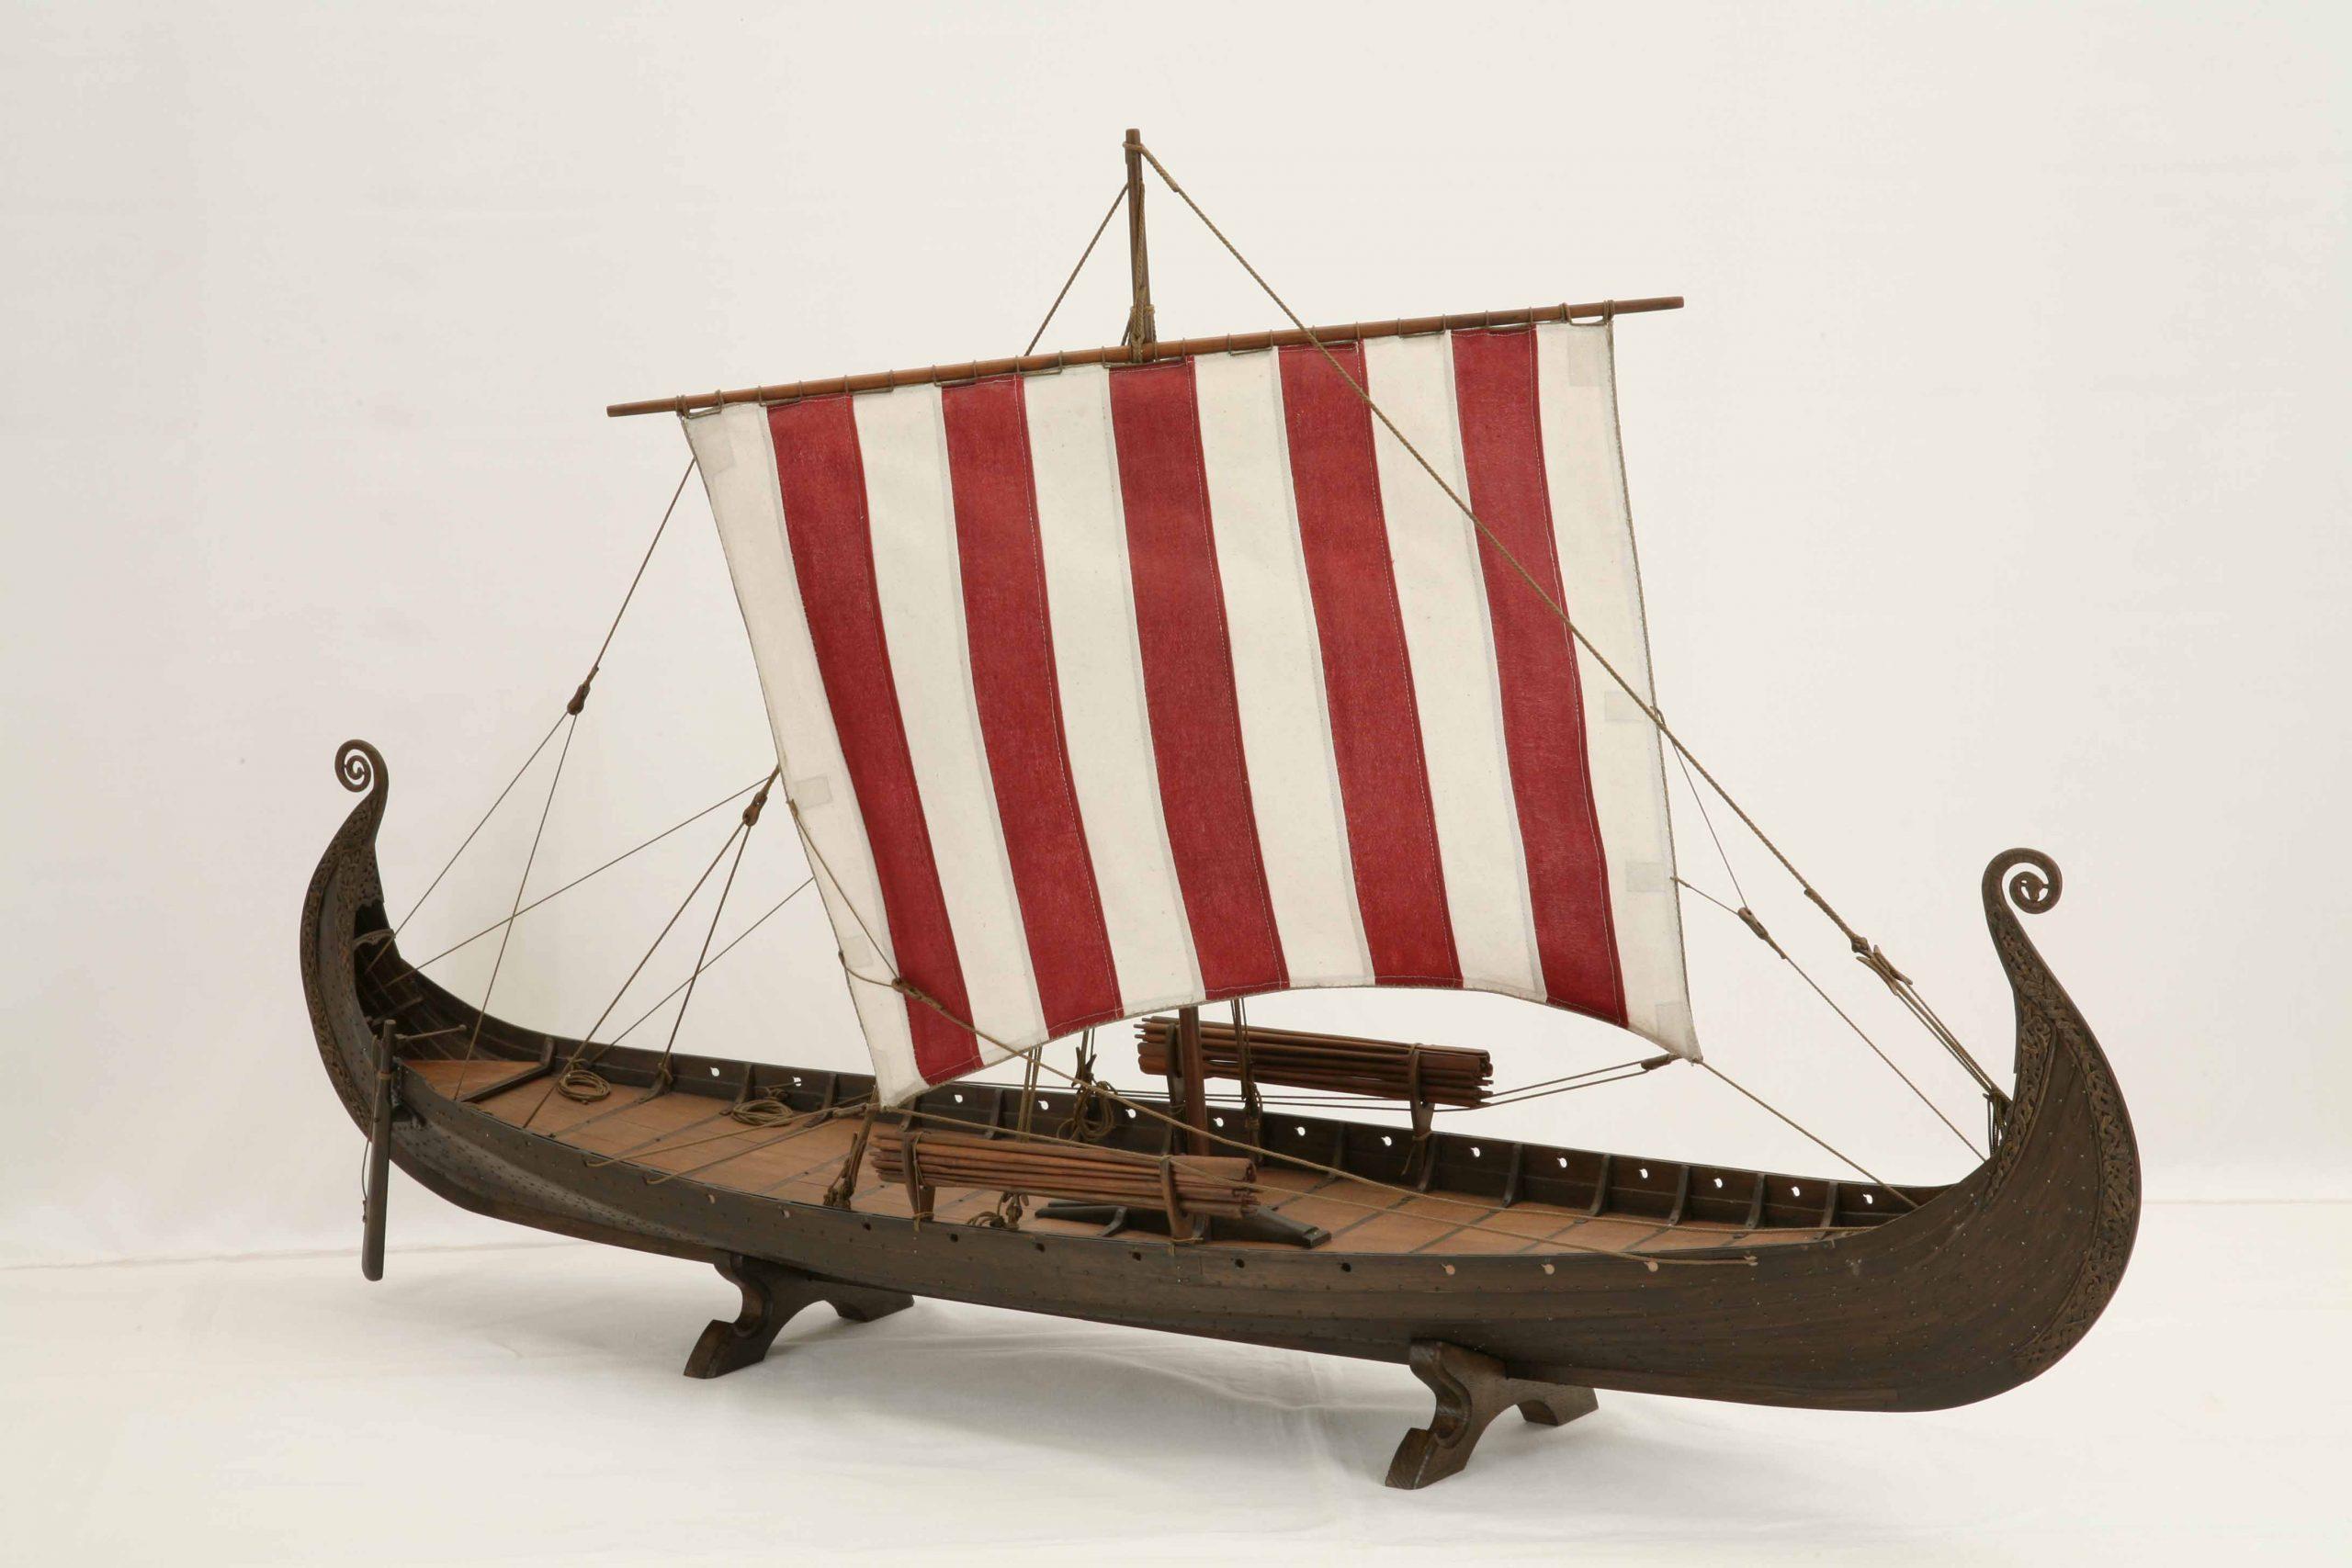 Schiffsmodell Oseberg-Schiff, Ein Wikingerschiff Aus Dem über Modell Wikingerschiff